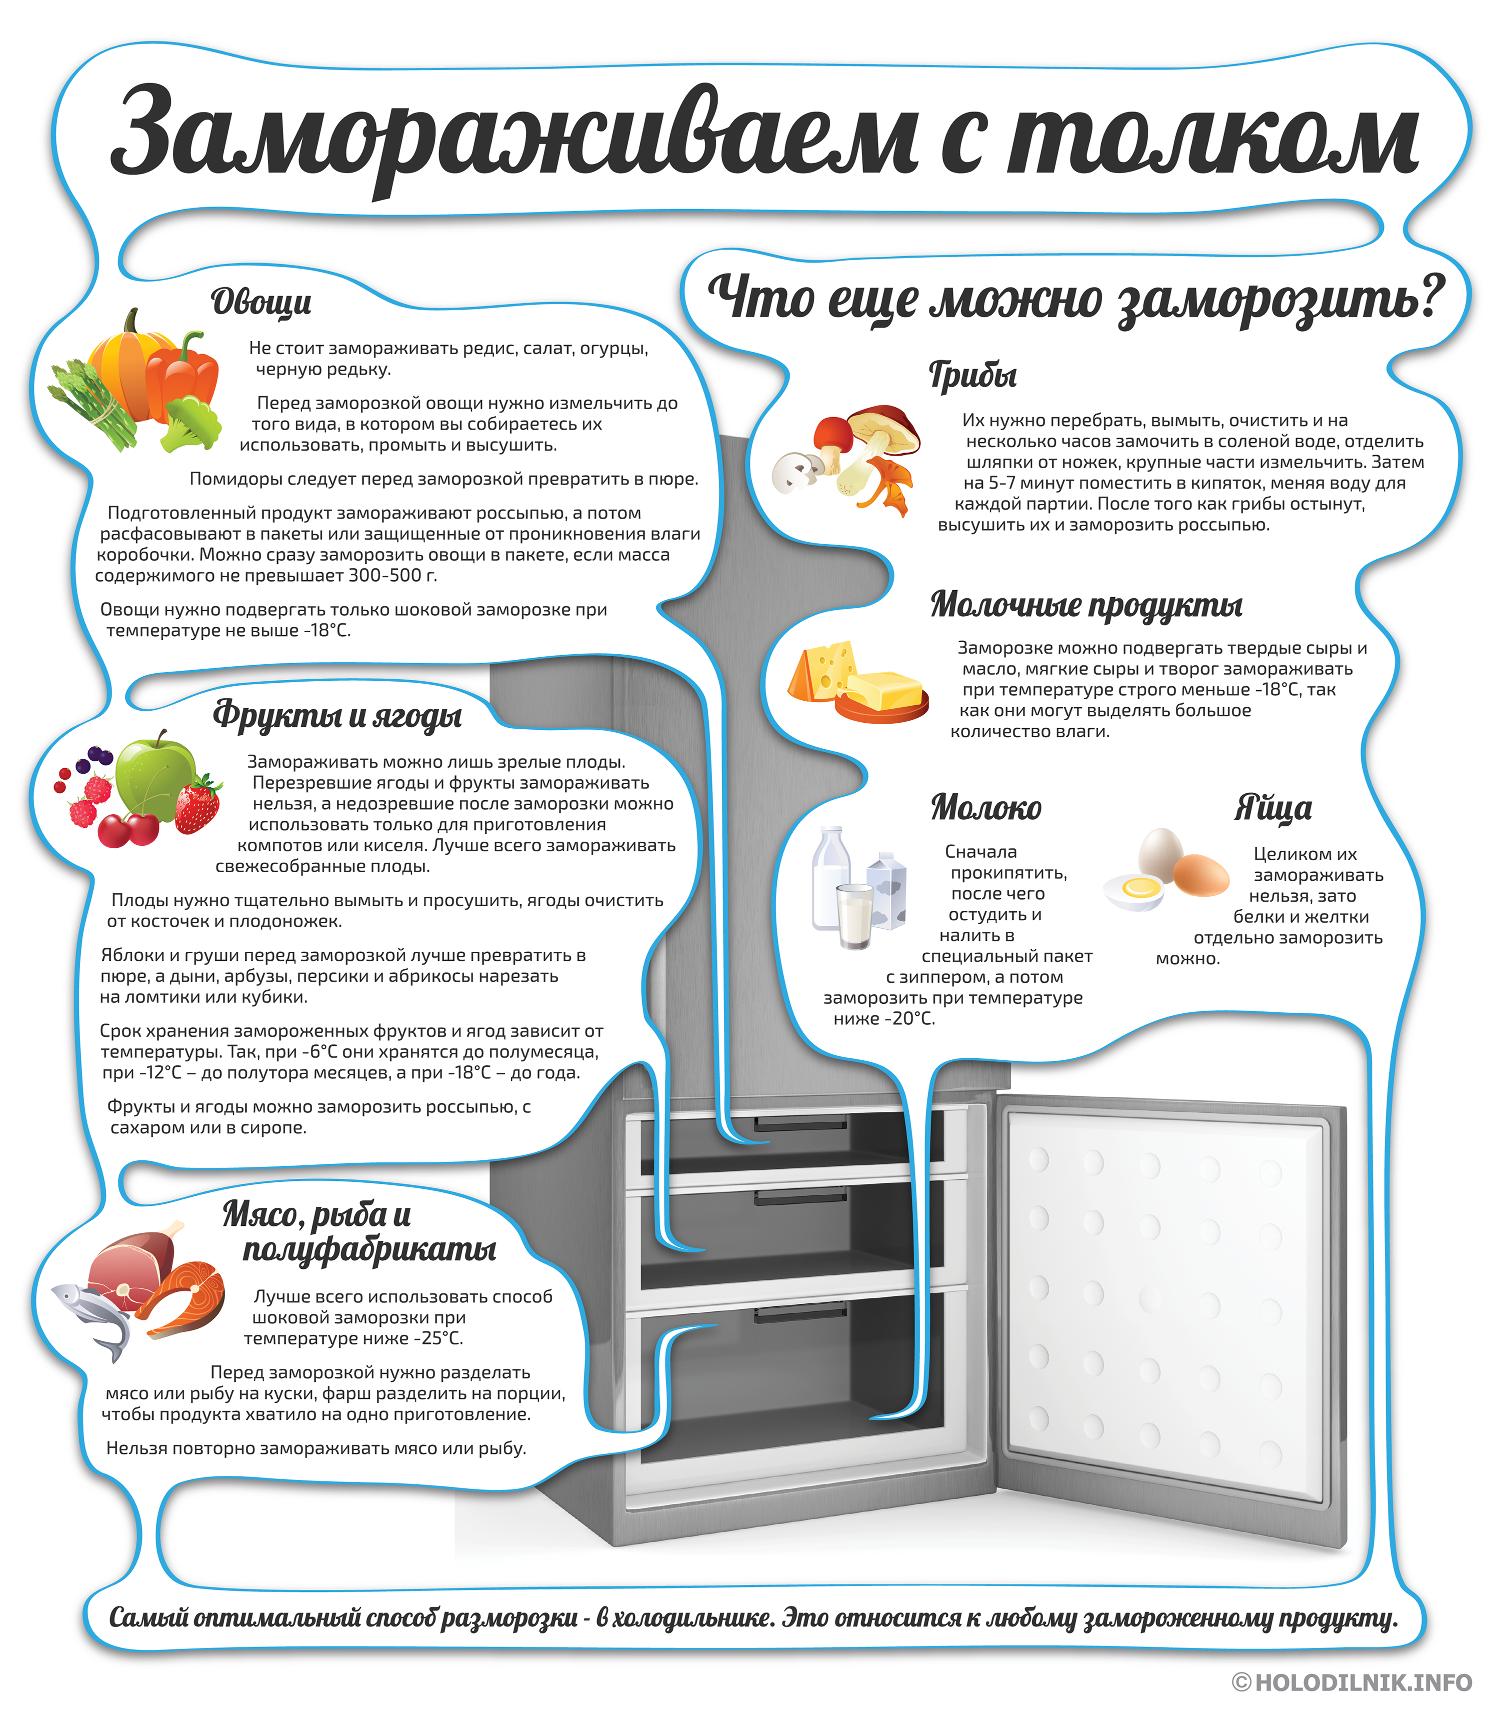 Инфографика: Правила заморозки